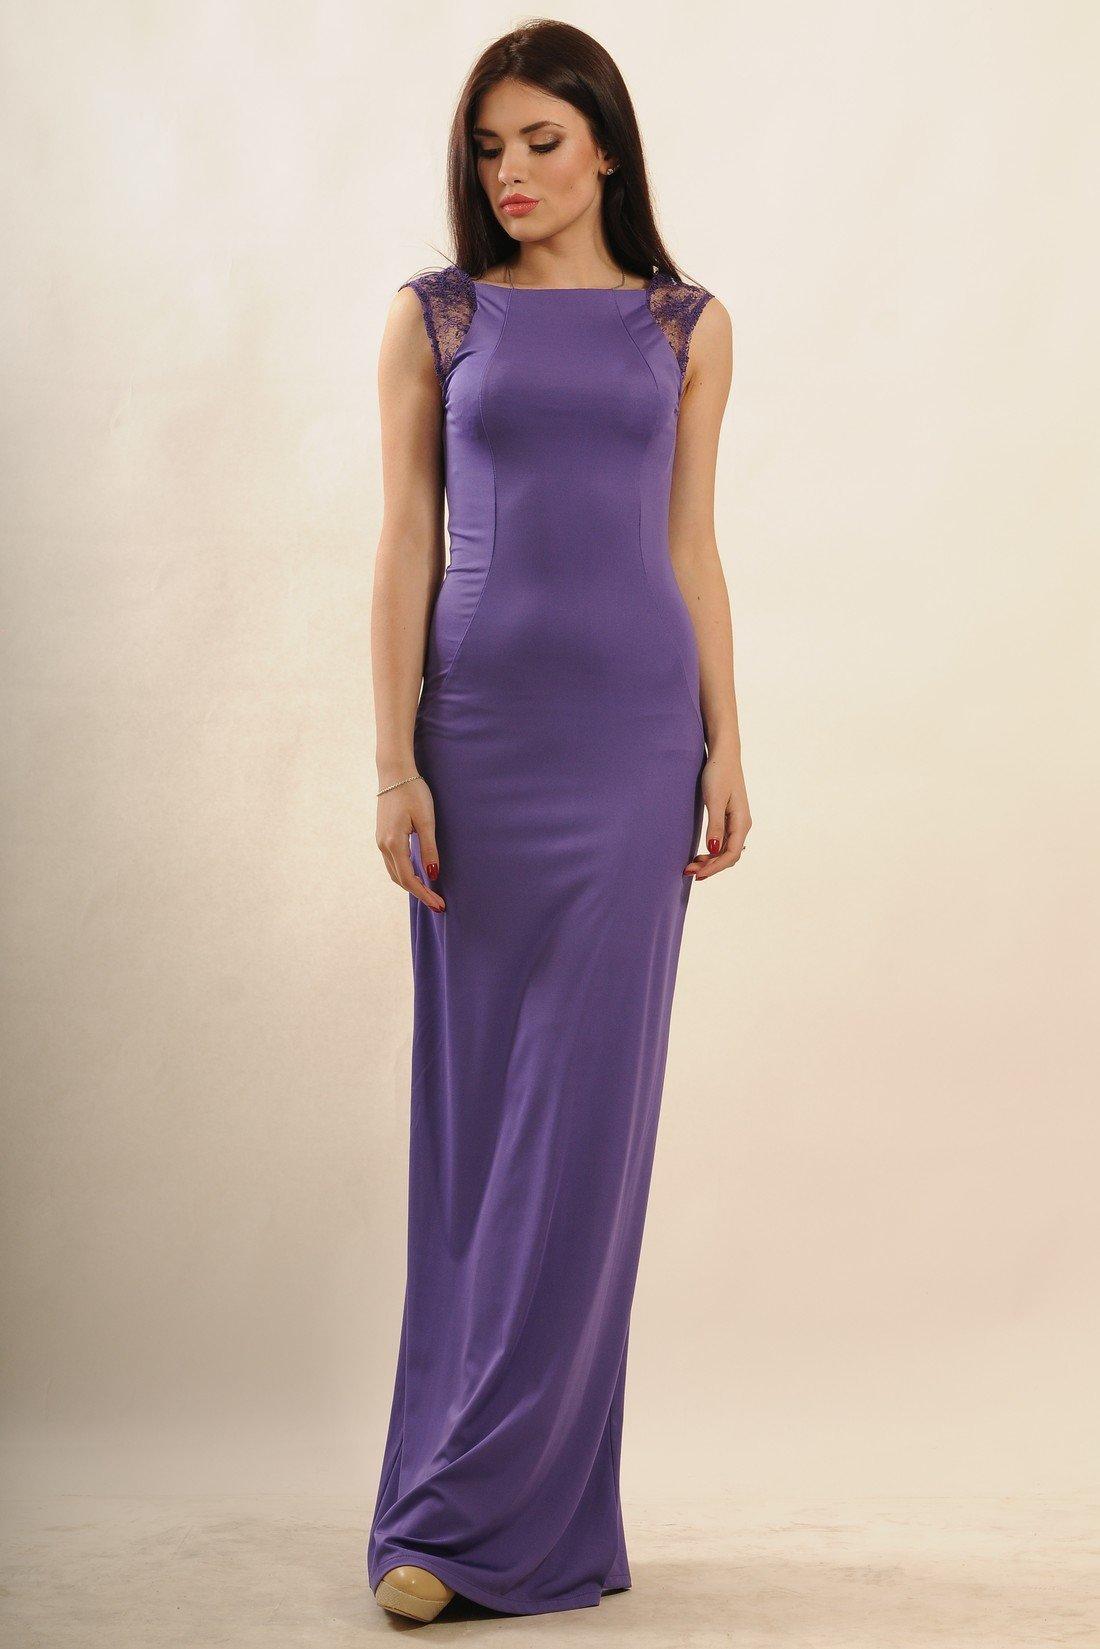 922d55c1cd7 Элегантное фиолетовое вечернее платье в пол Венеция - купить ...